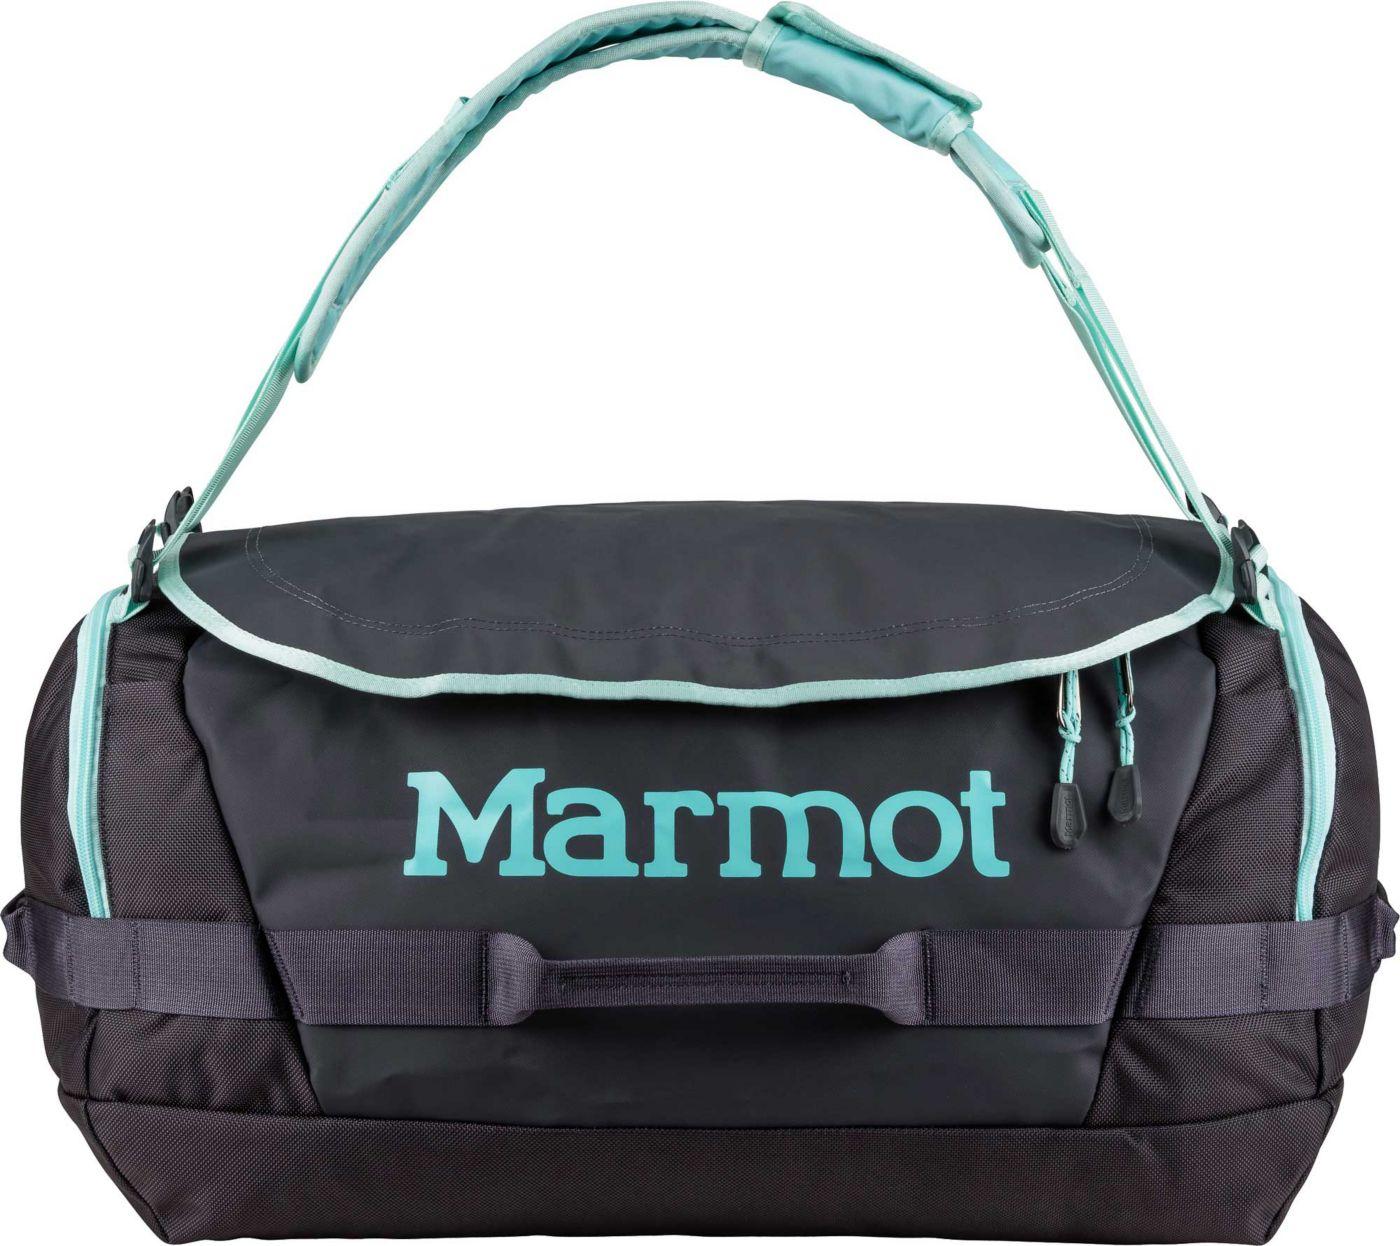 Marmot Long Hauler Medium Duffel Bag